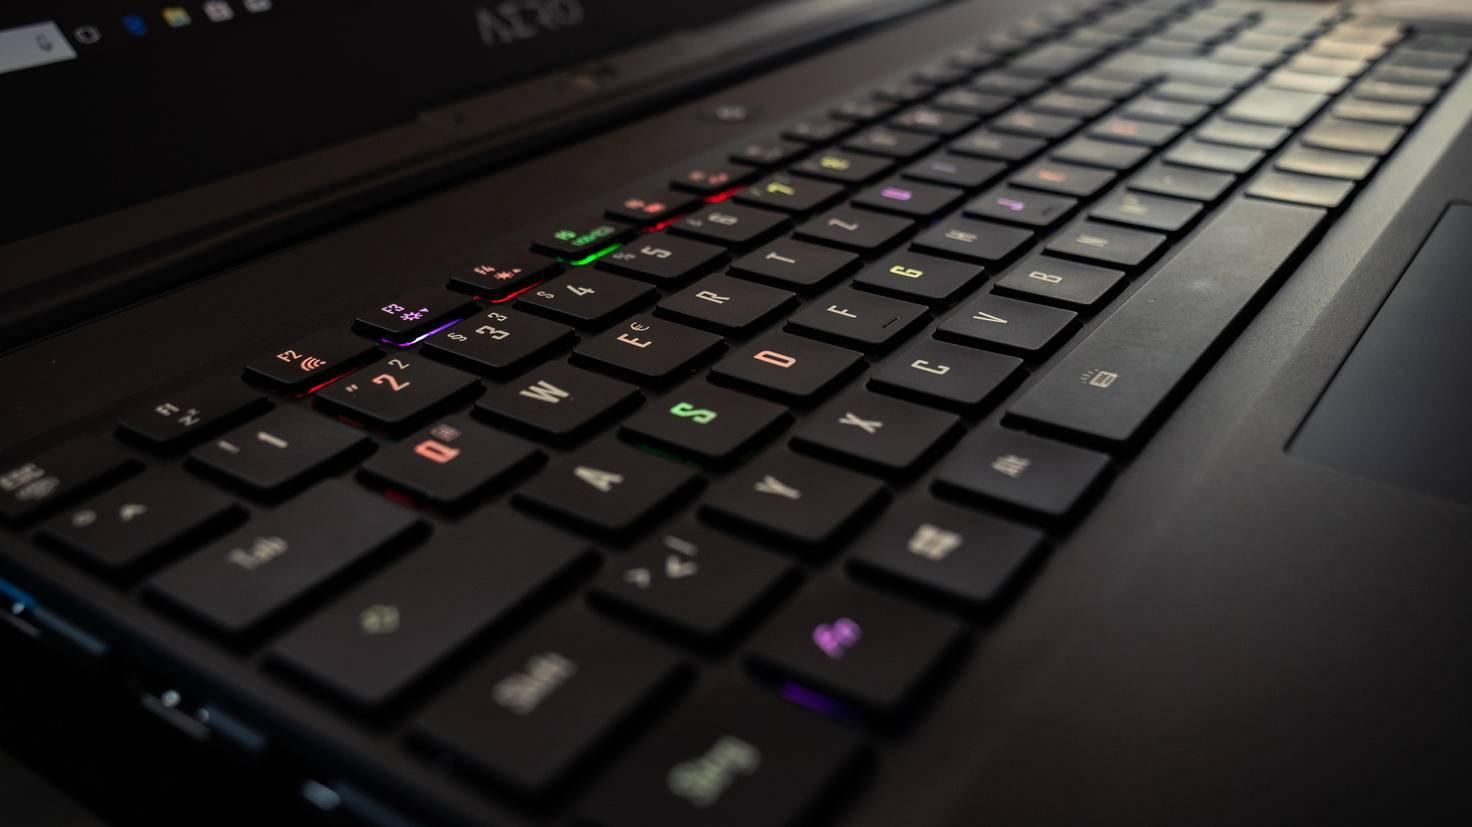 Gigabyte-Aero-15X-Gaming-Laptop-08